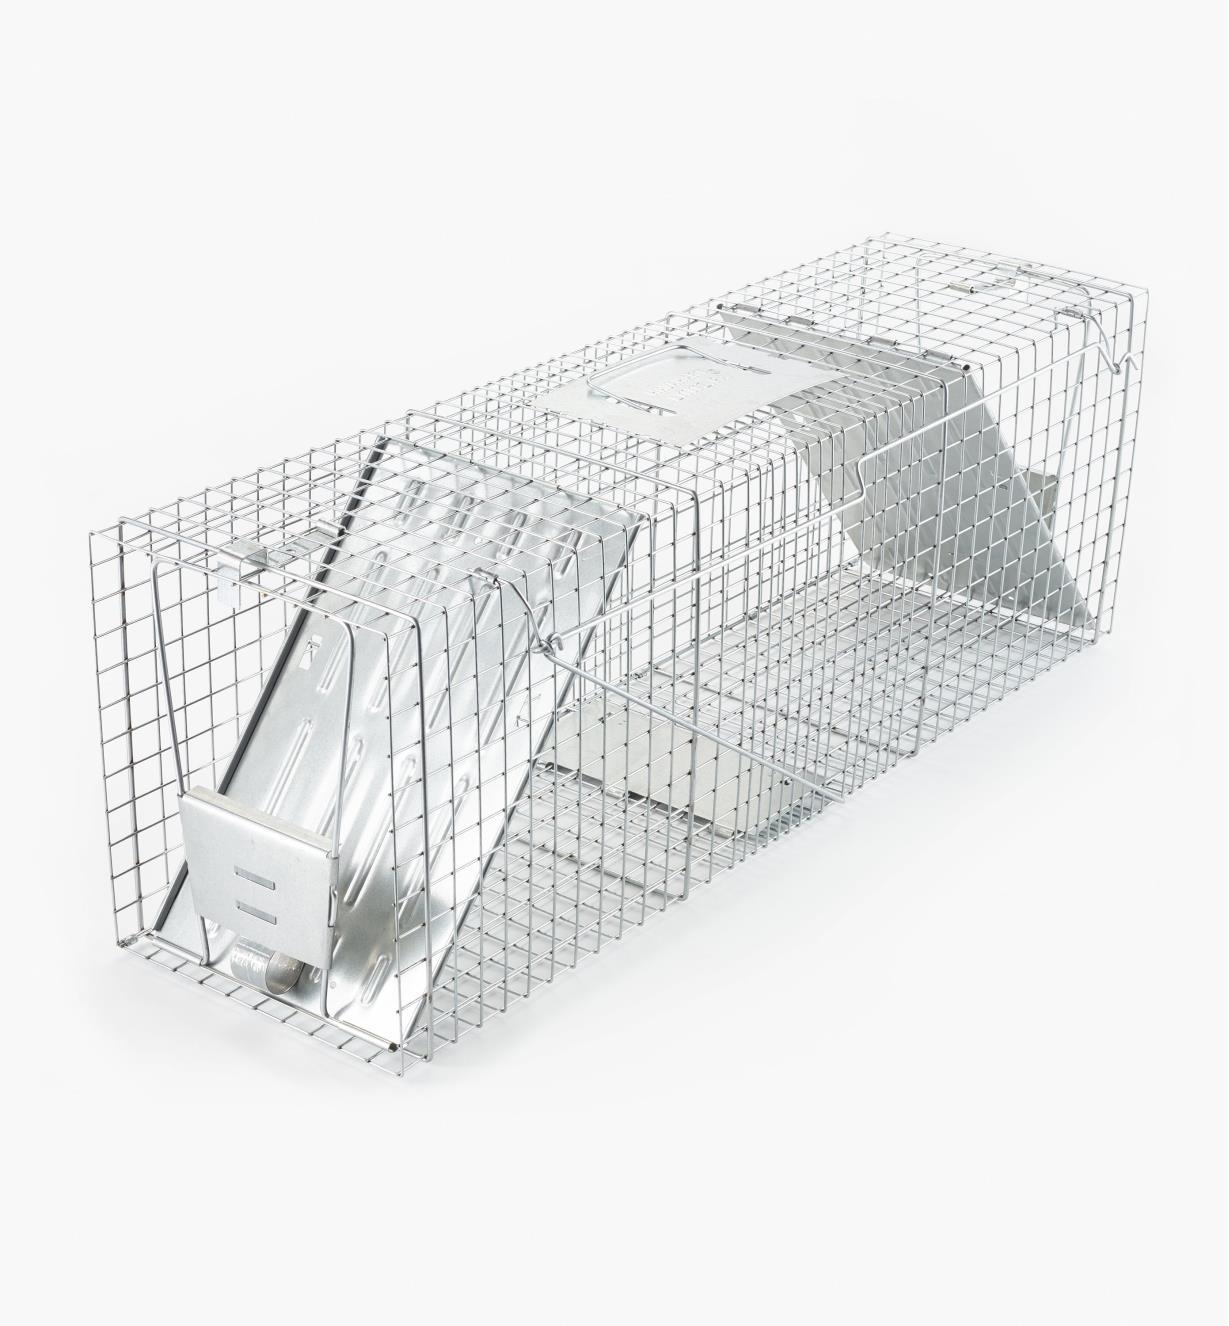 XM201 - Piège à raton-laveur Havahart